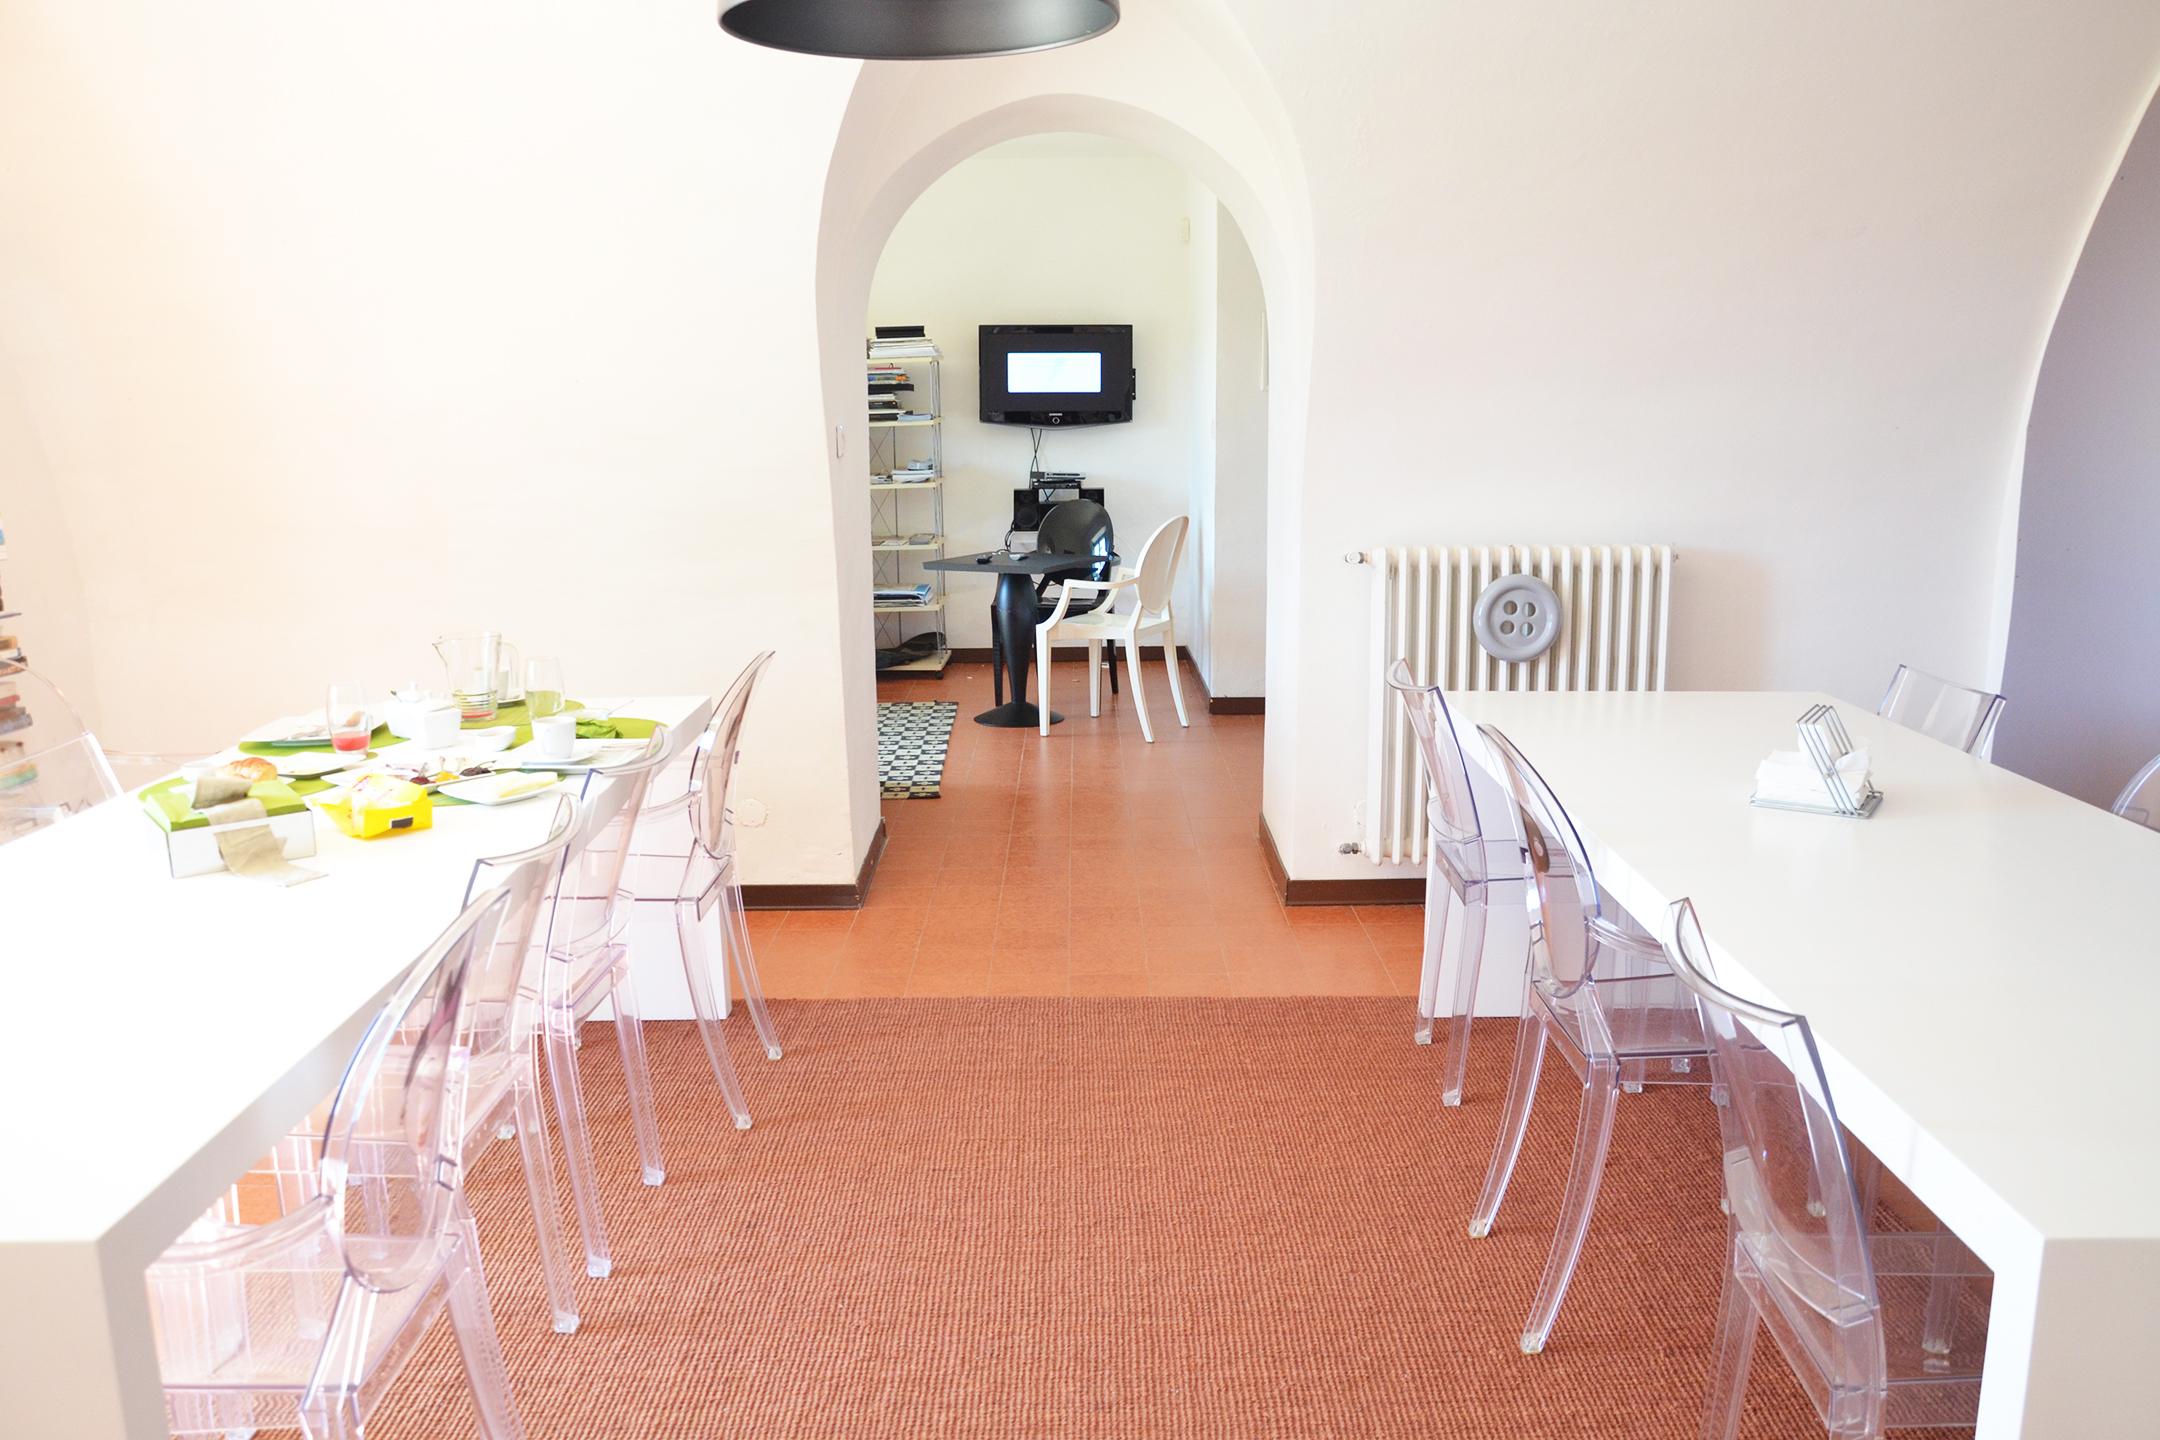 bed-and-breakfast-sicilia-alessia-canella-B&B-giardino-siciliano-sicily-trip-flowers-colazione